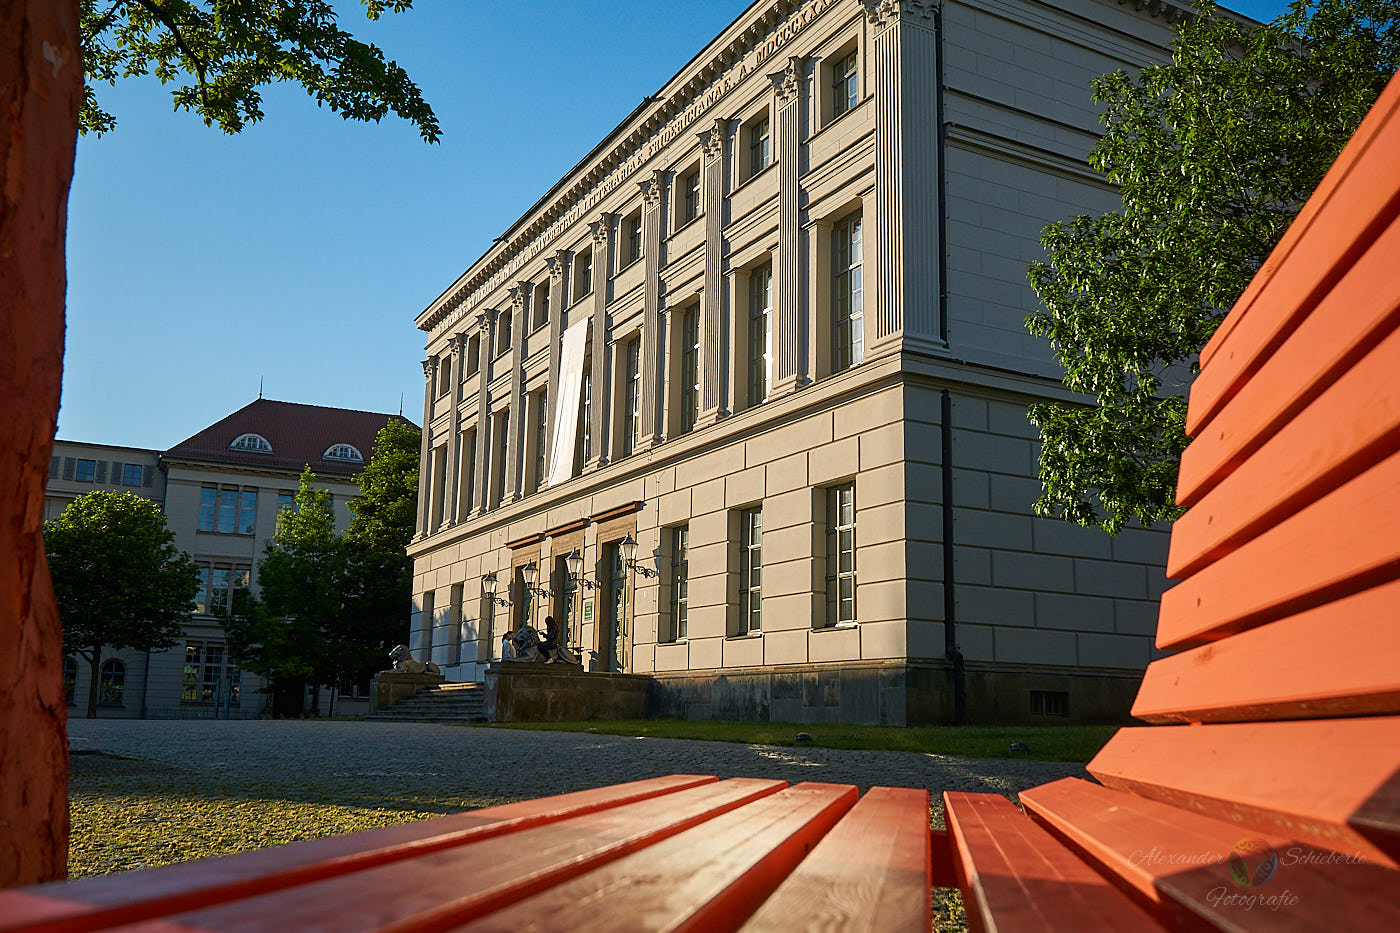 Martin-Luther-Universität - Löwengebäude